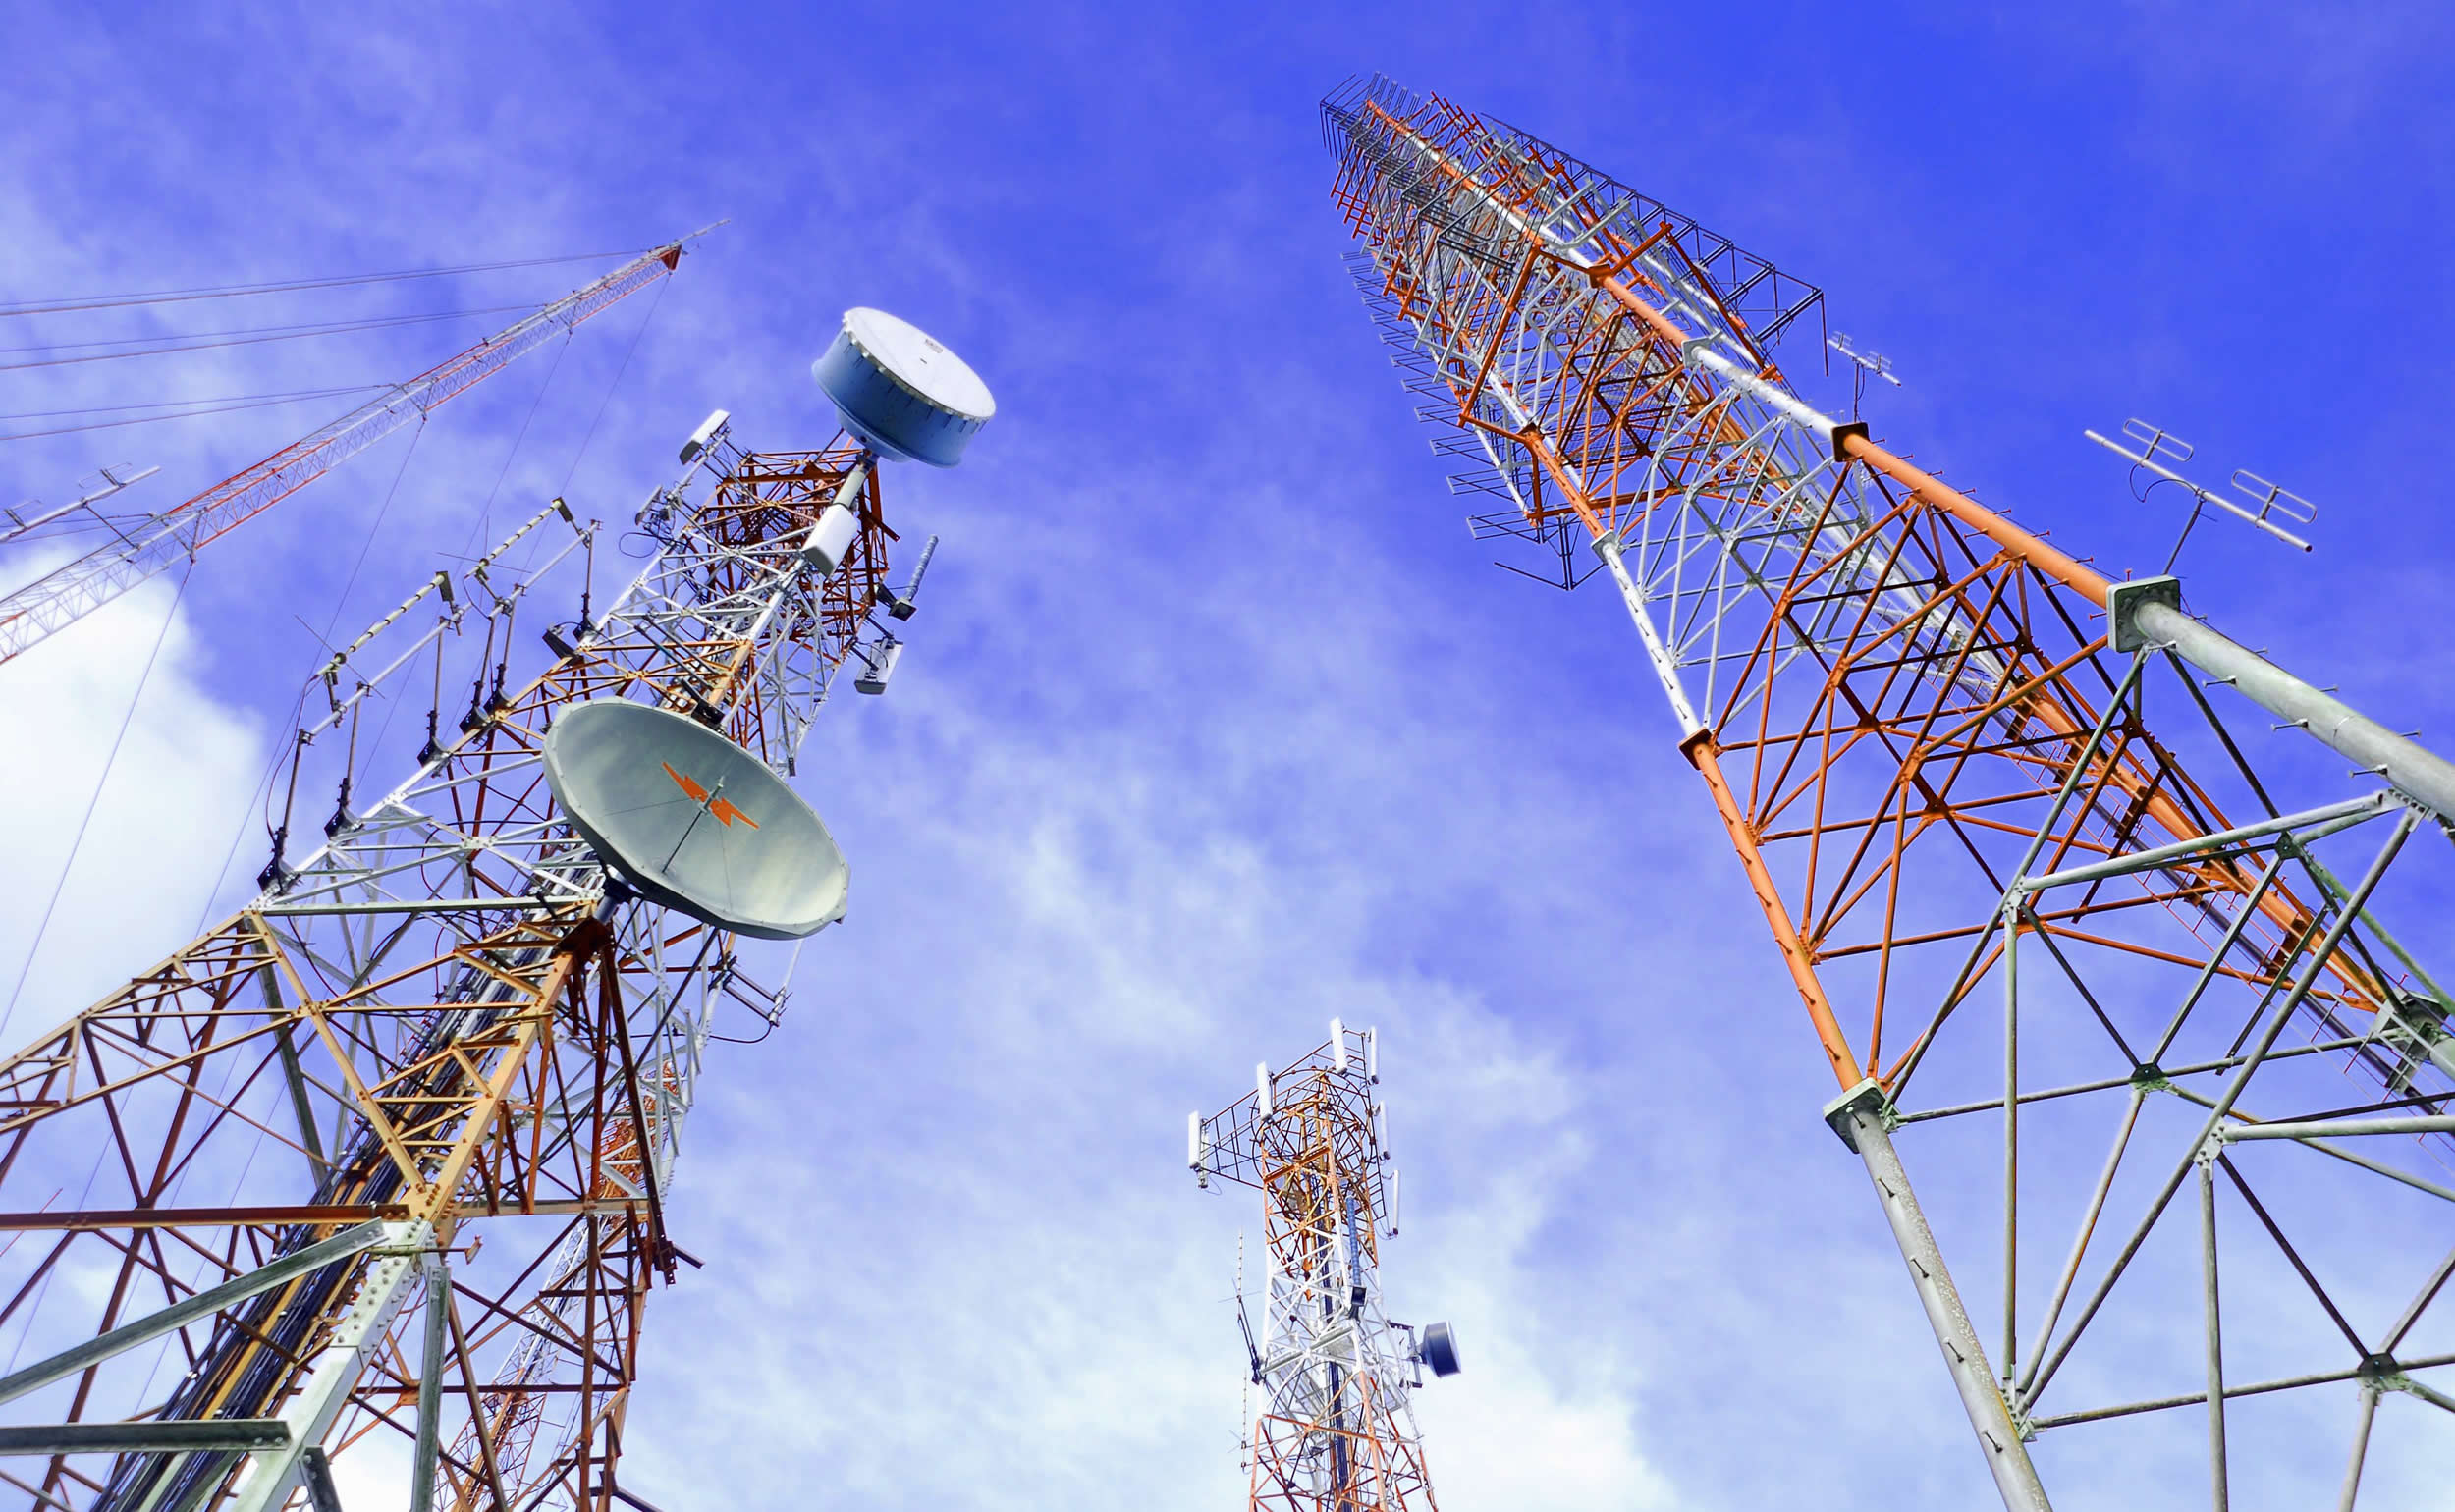 Operaciones de Telxius se centran en manejar activos de telecomunicaciones de Telefónica.